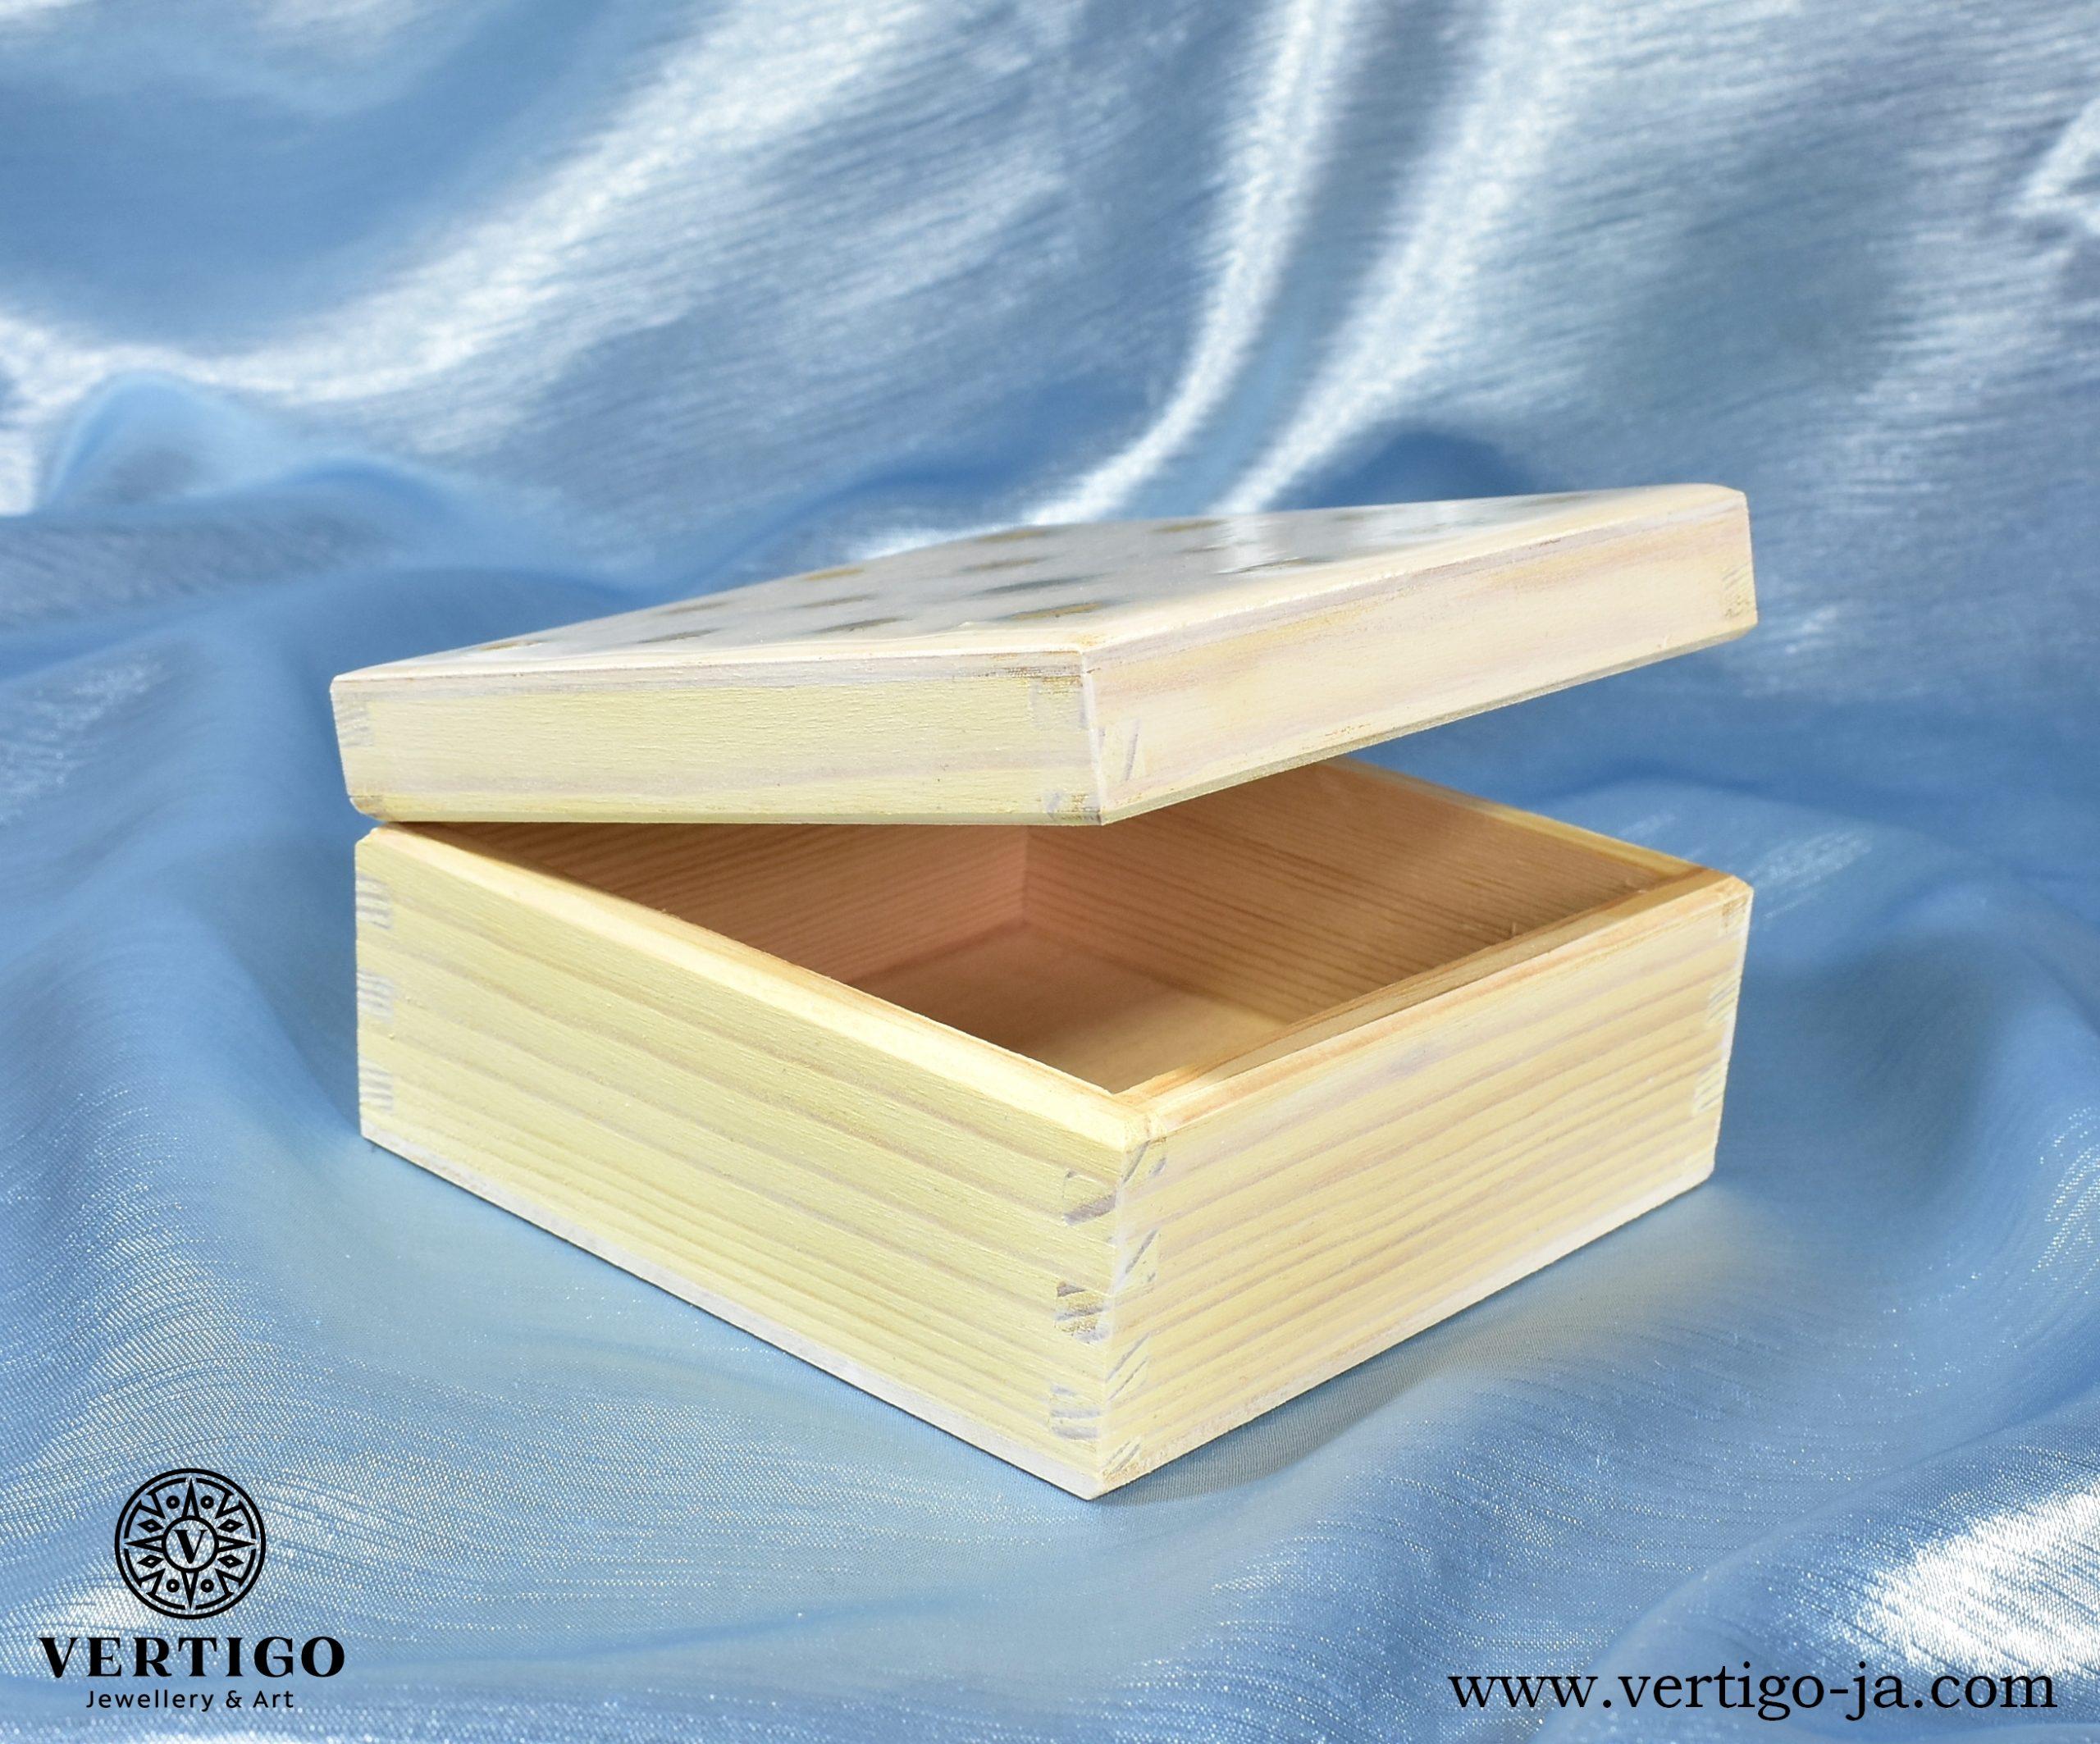 Środek białego, drewnianego pudełka ze stokrotkami w żywicy